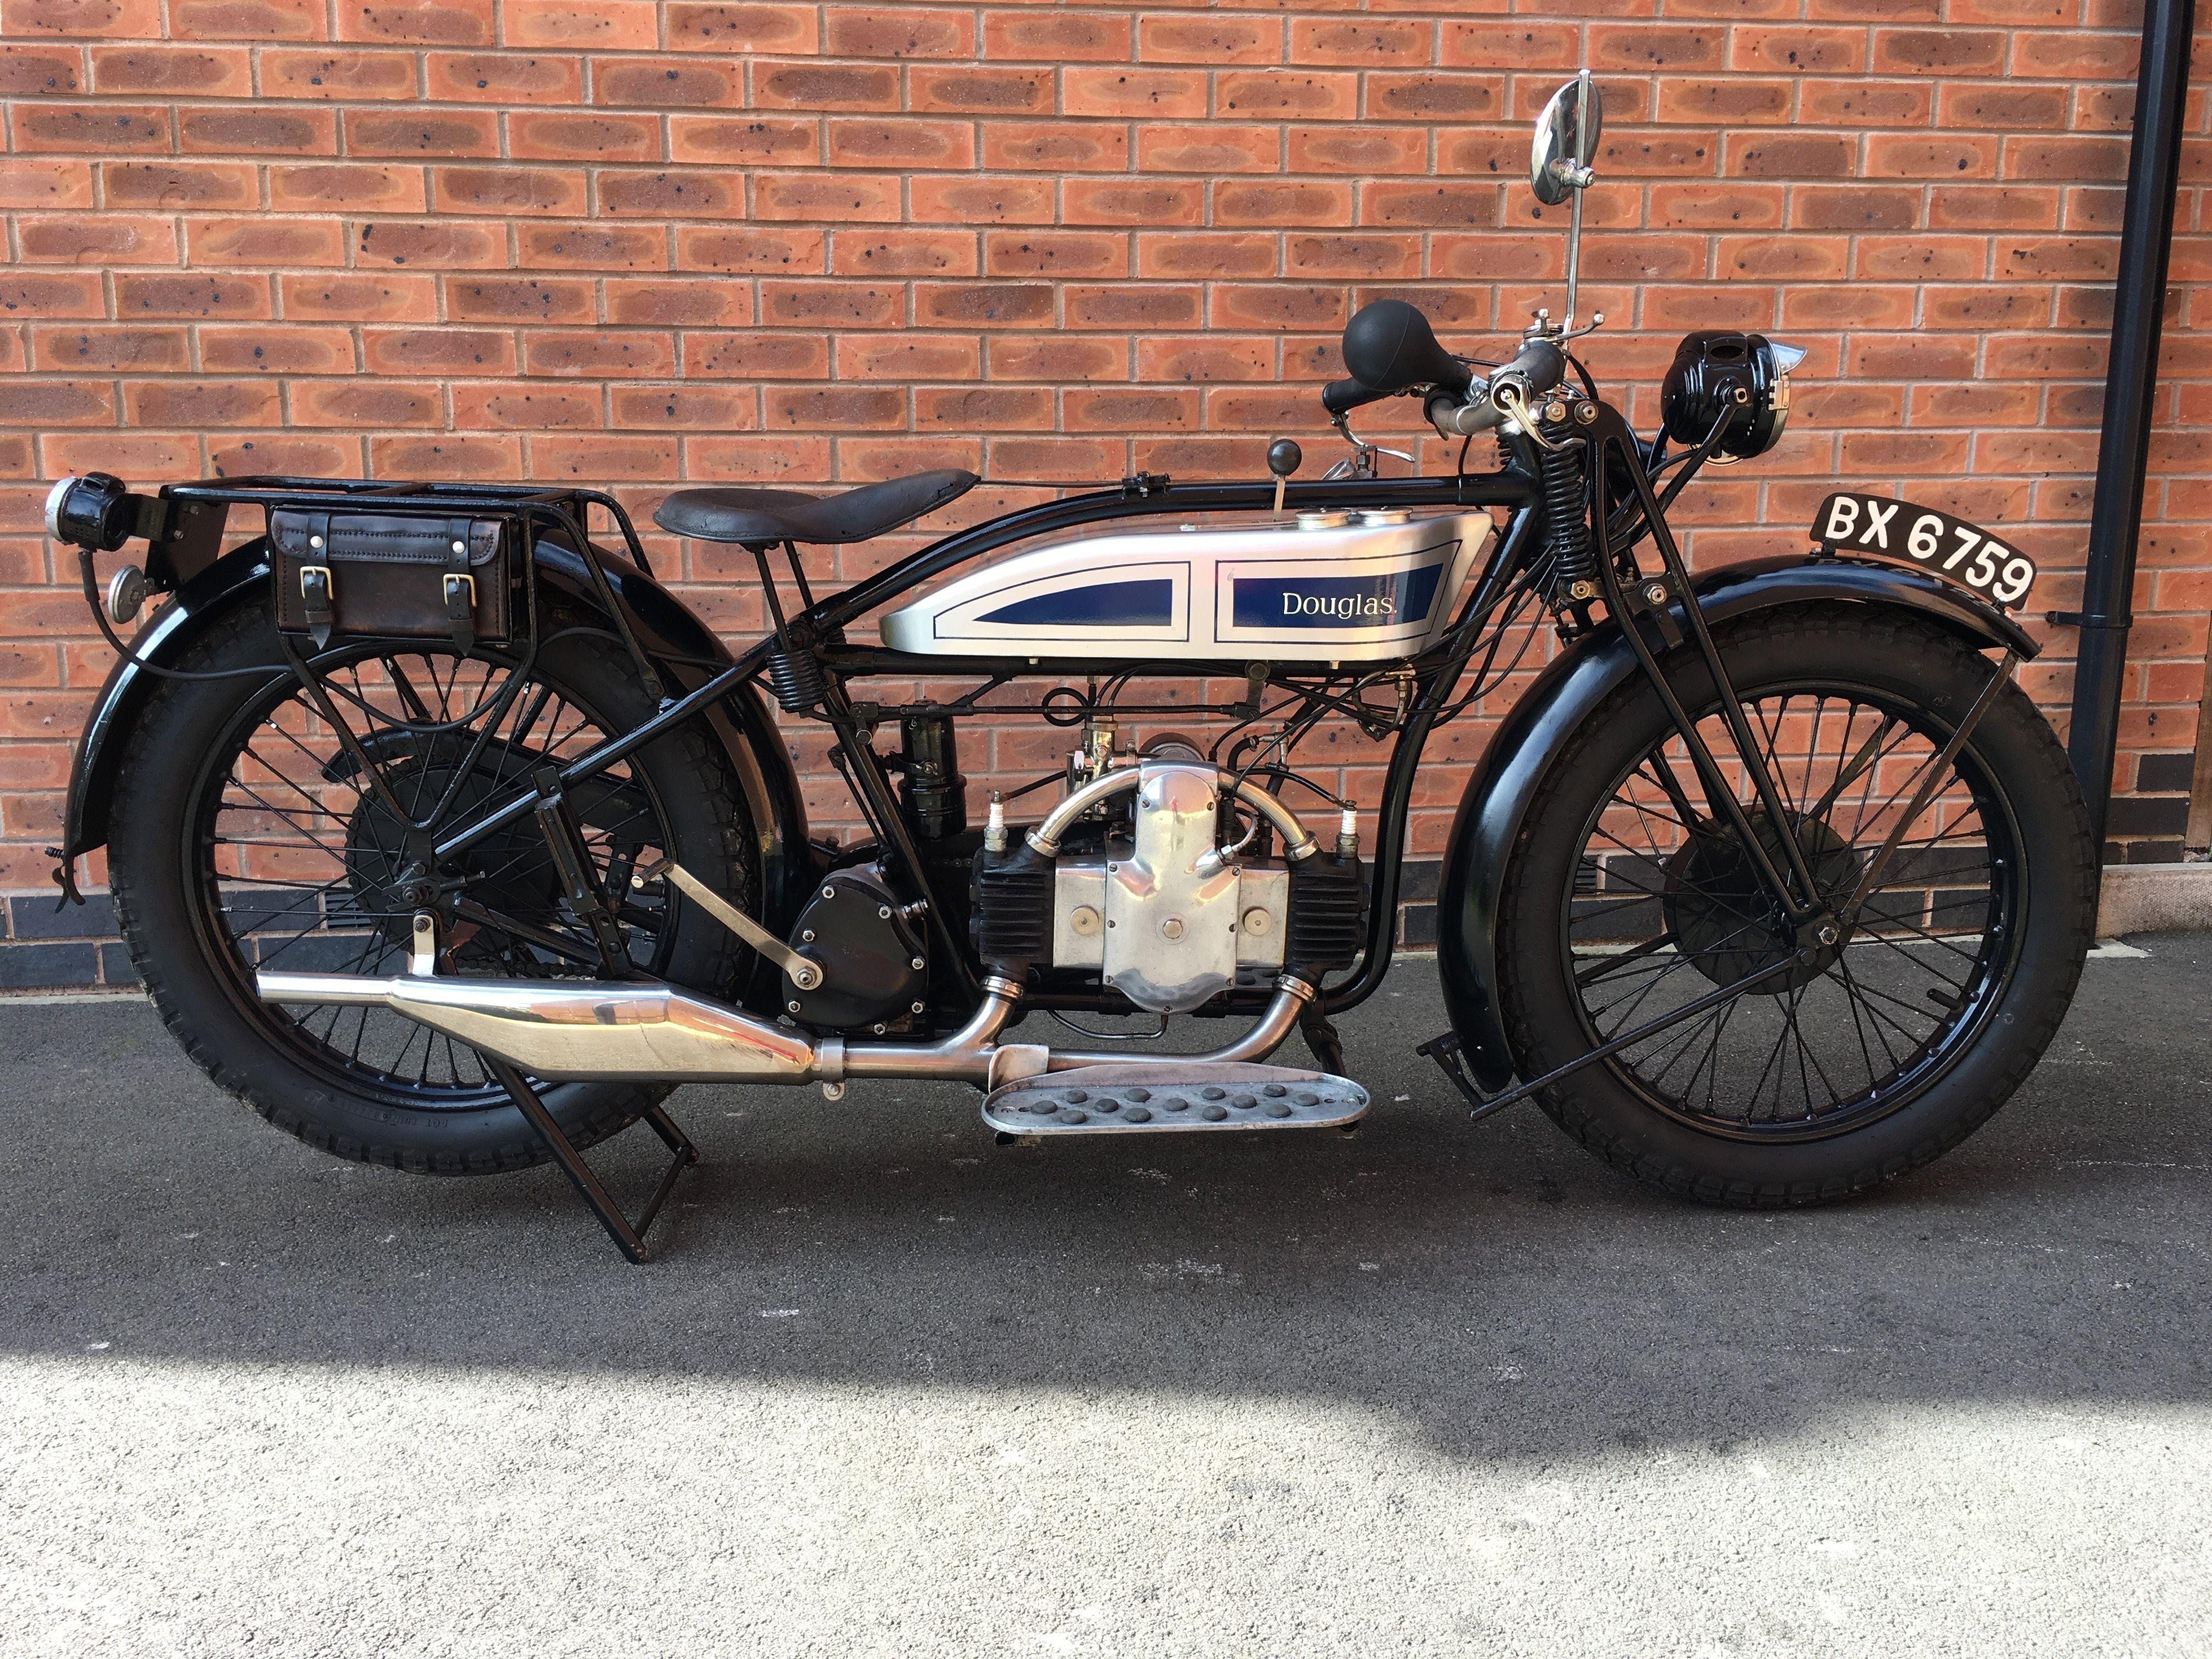 1926 Douglas 350 Ew Motos Antigas Motos Motocicletas